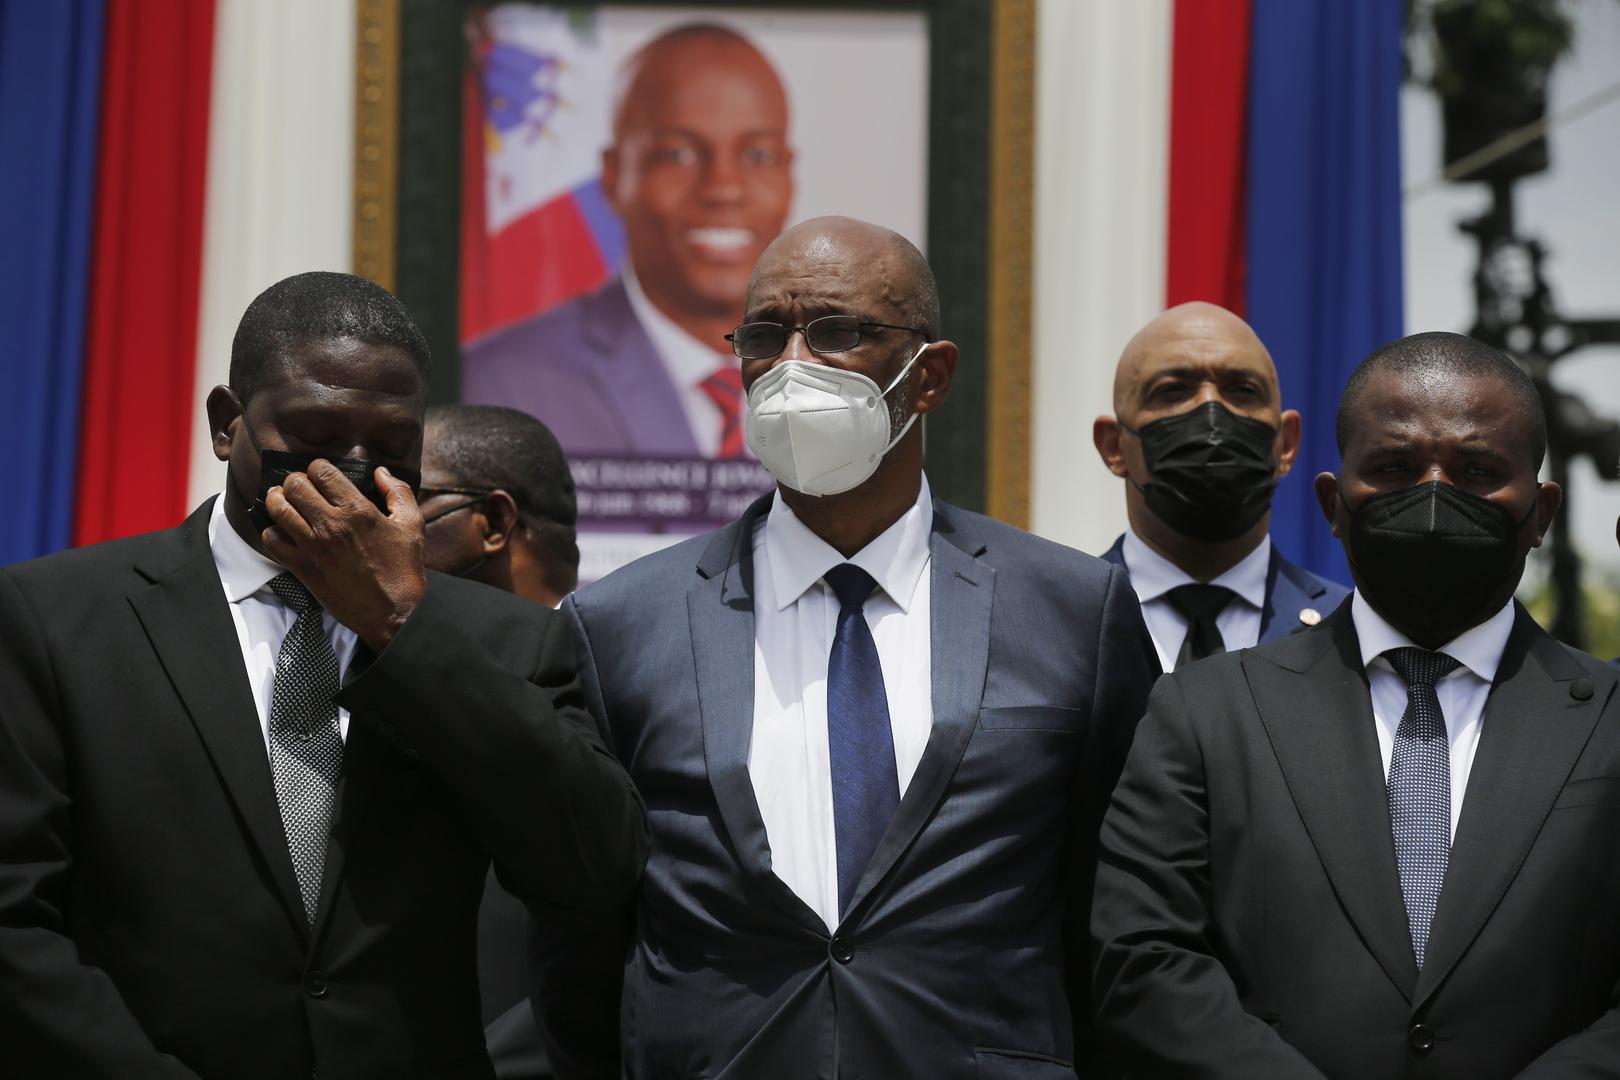 رئيس حكومة هايتي يقيل نائبا بارزا رجح تورطه في اغتيال الرئيس